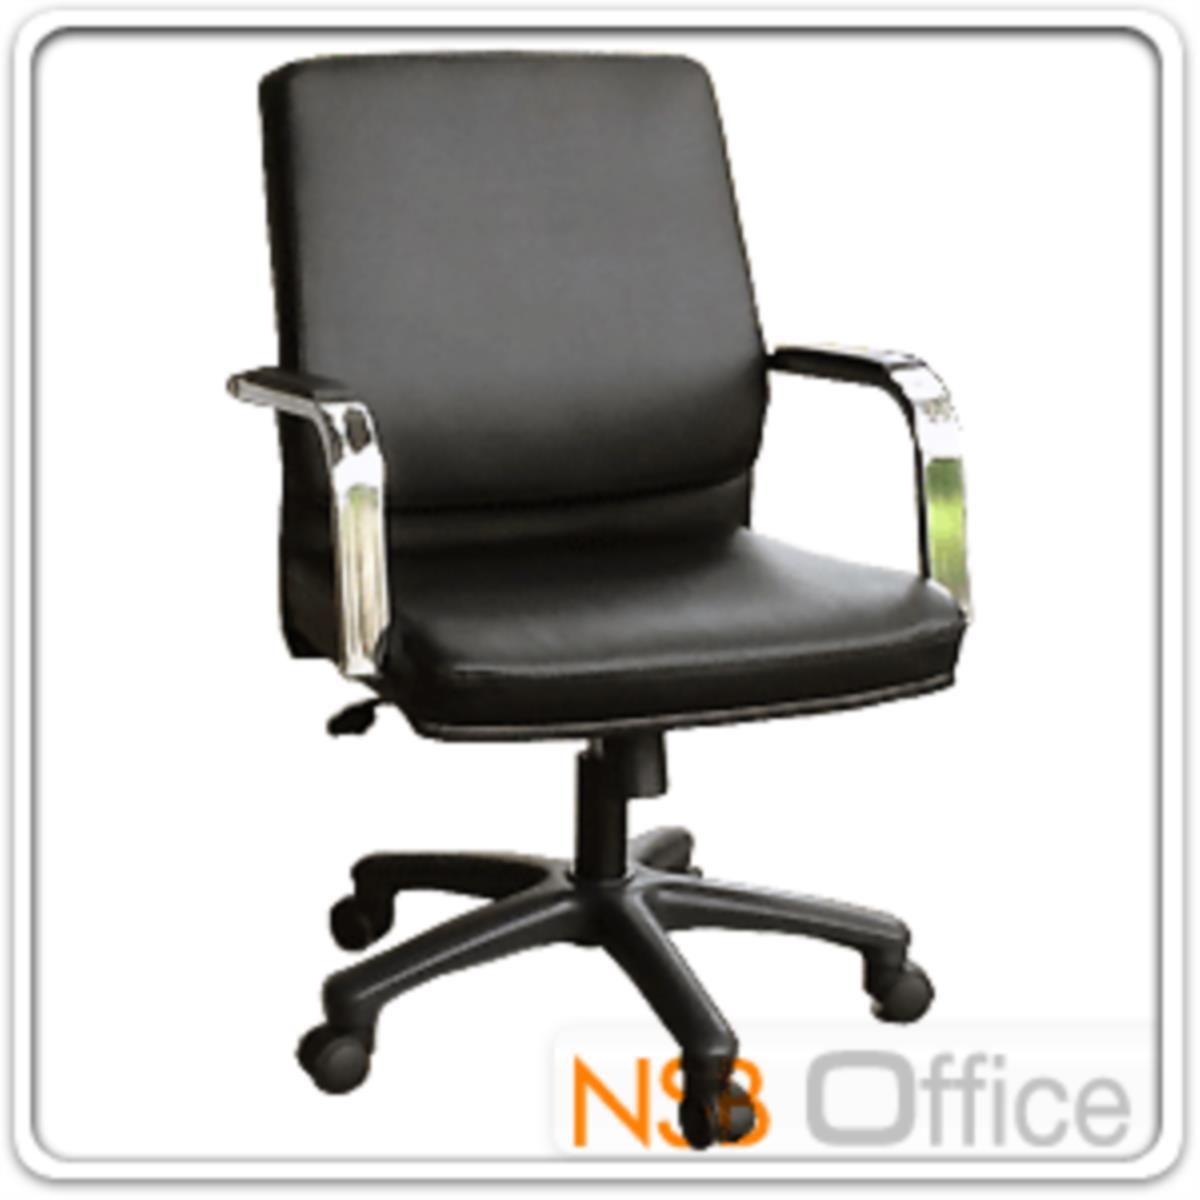 เก้าอี้สำนักงาน รุ่น Topher (โทเฟอร์) โช๊คแก๊ส มีก้อนโยก